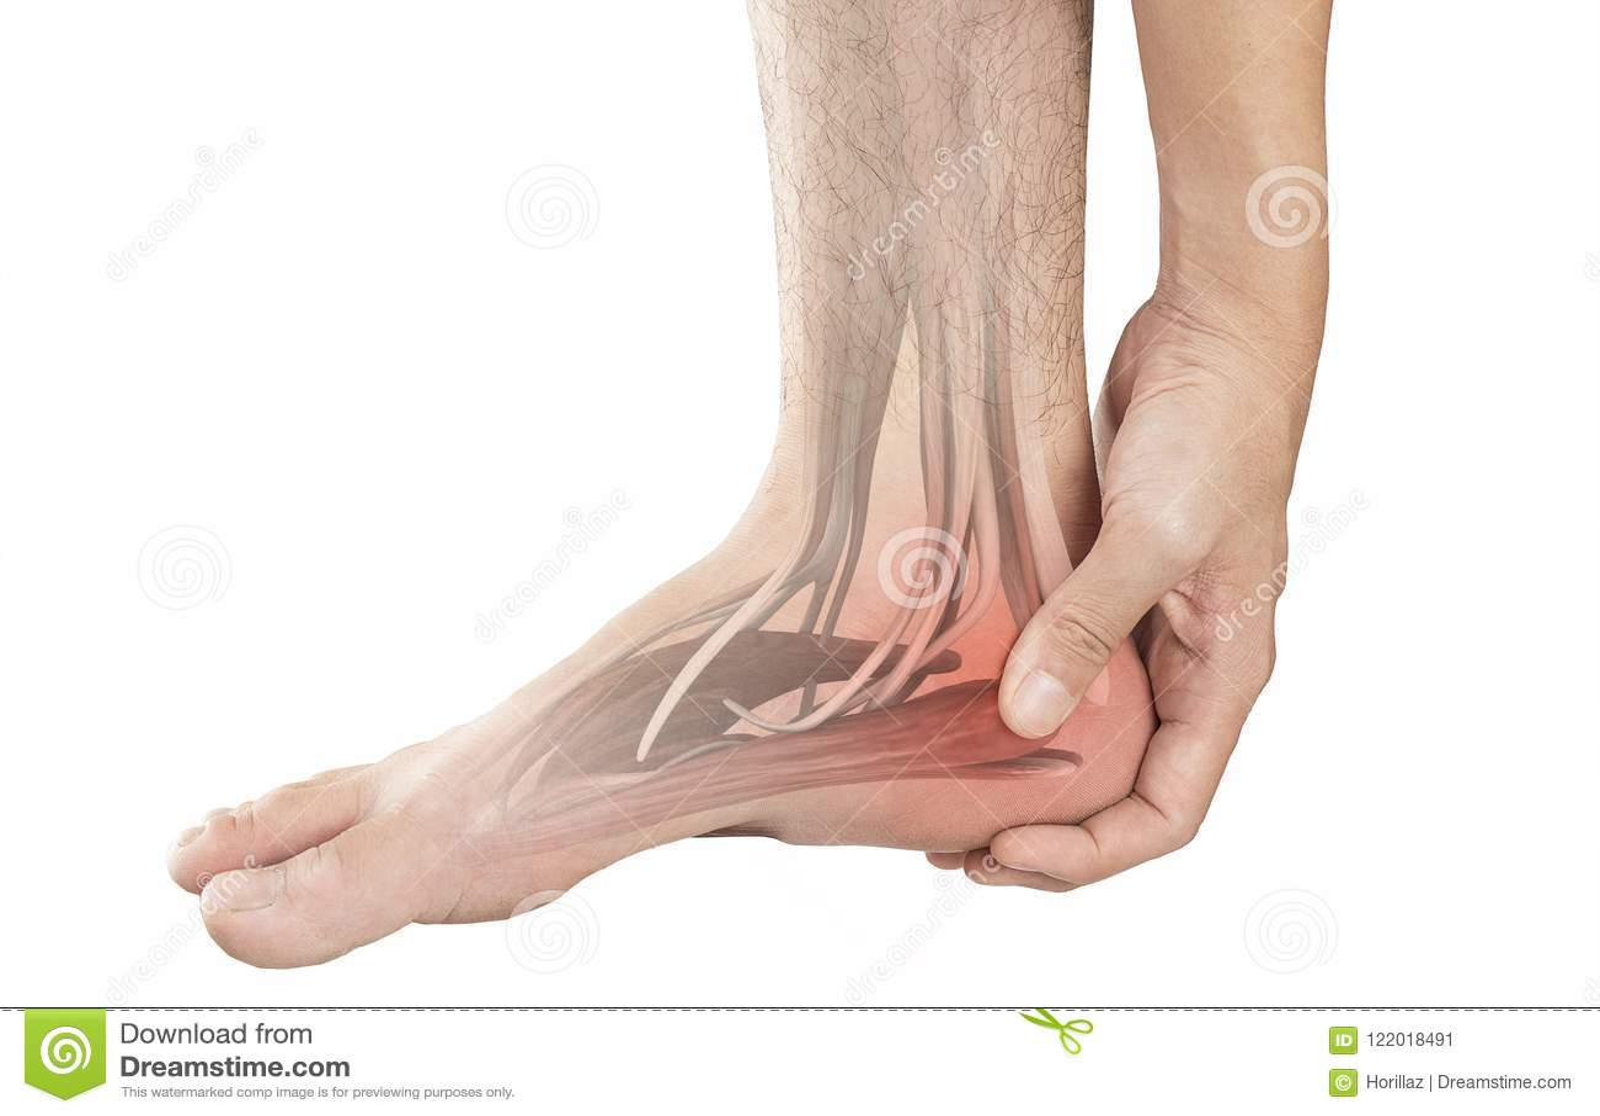 Dor de músculo do salto